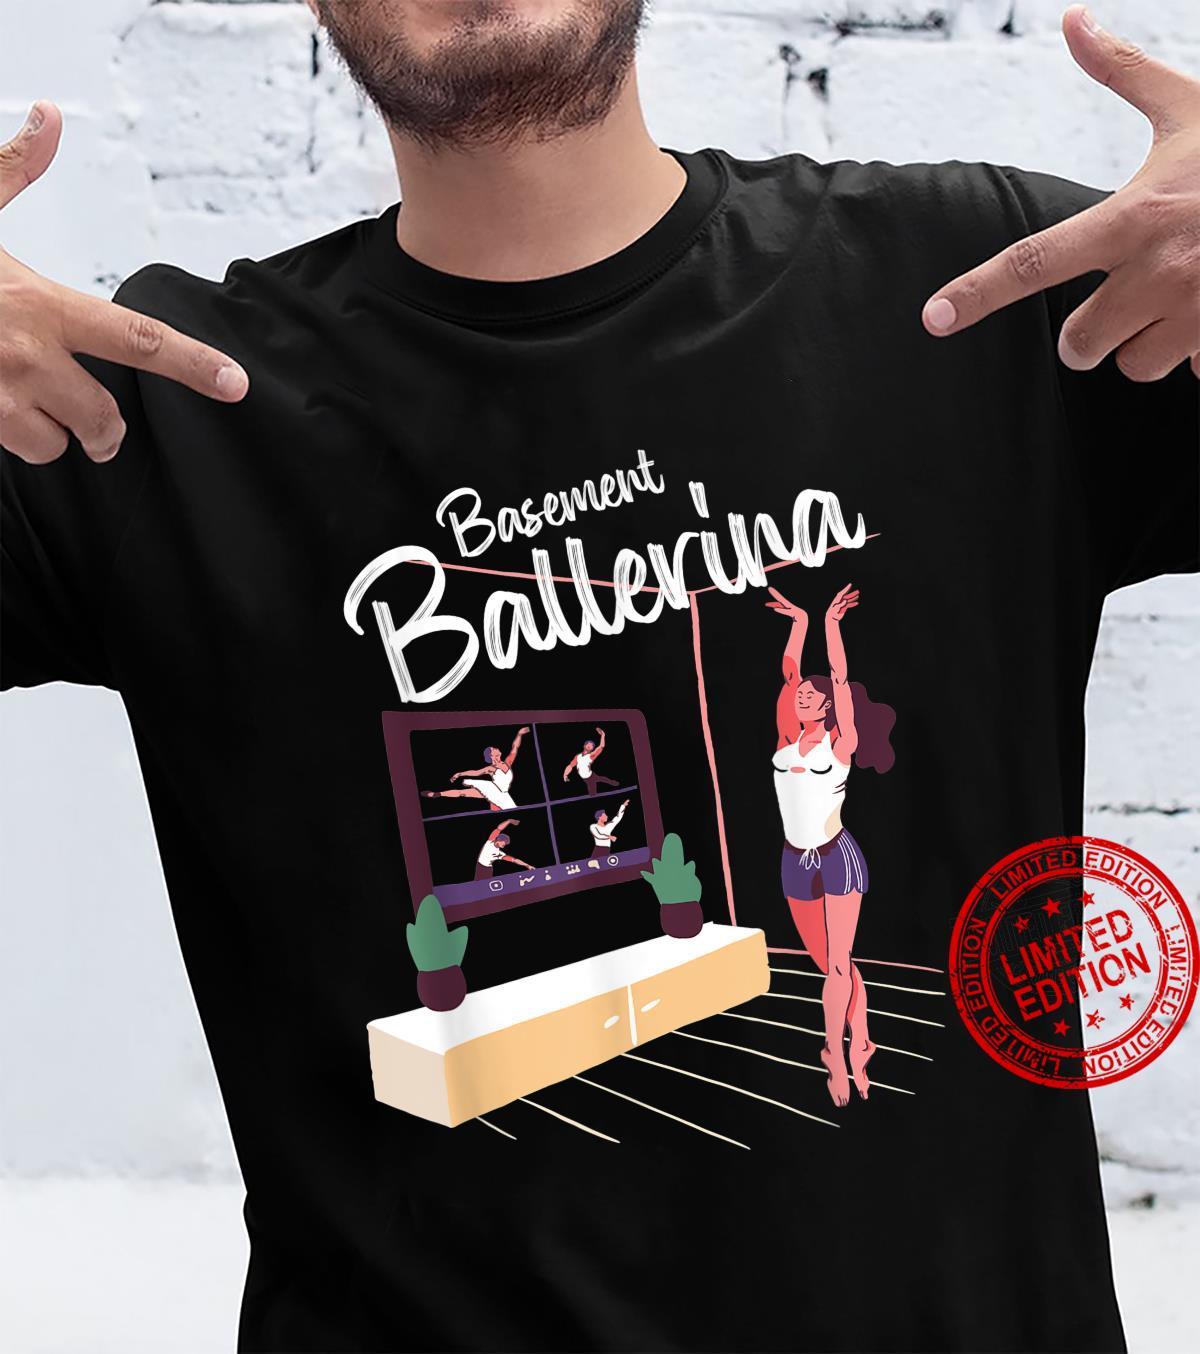 Basement Ballerina Online Ballet Class Shirt